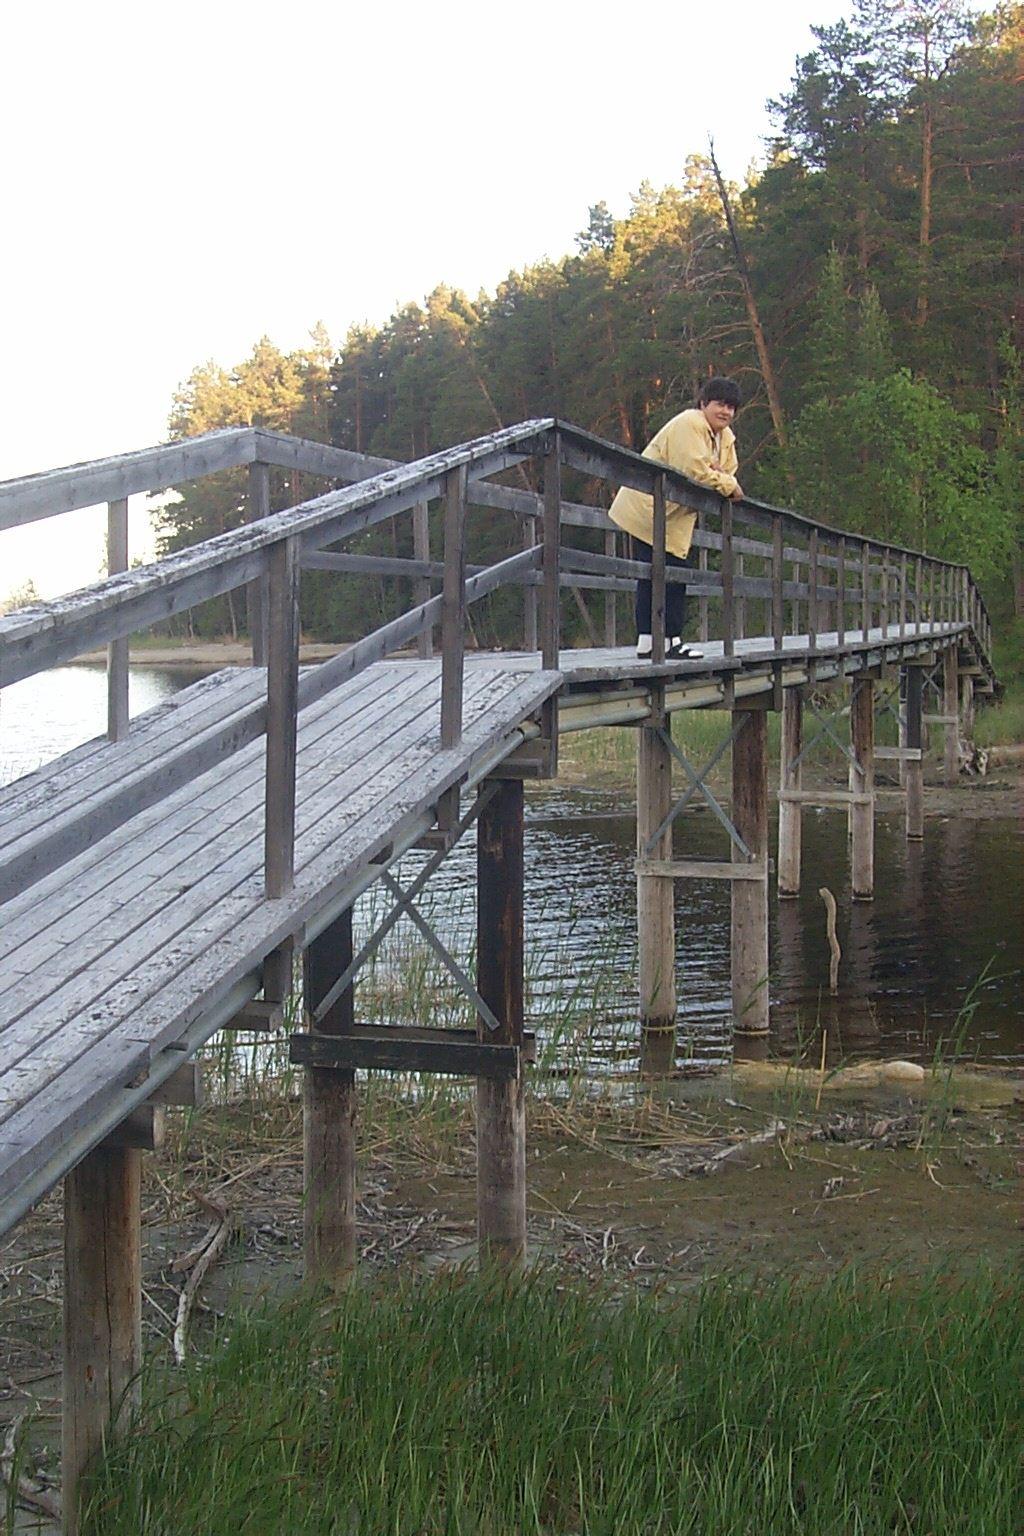 Foto: Inge Åberg, Stenbergsleden; vandring i Graninge